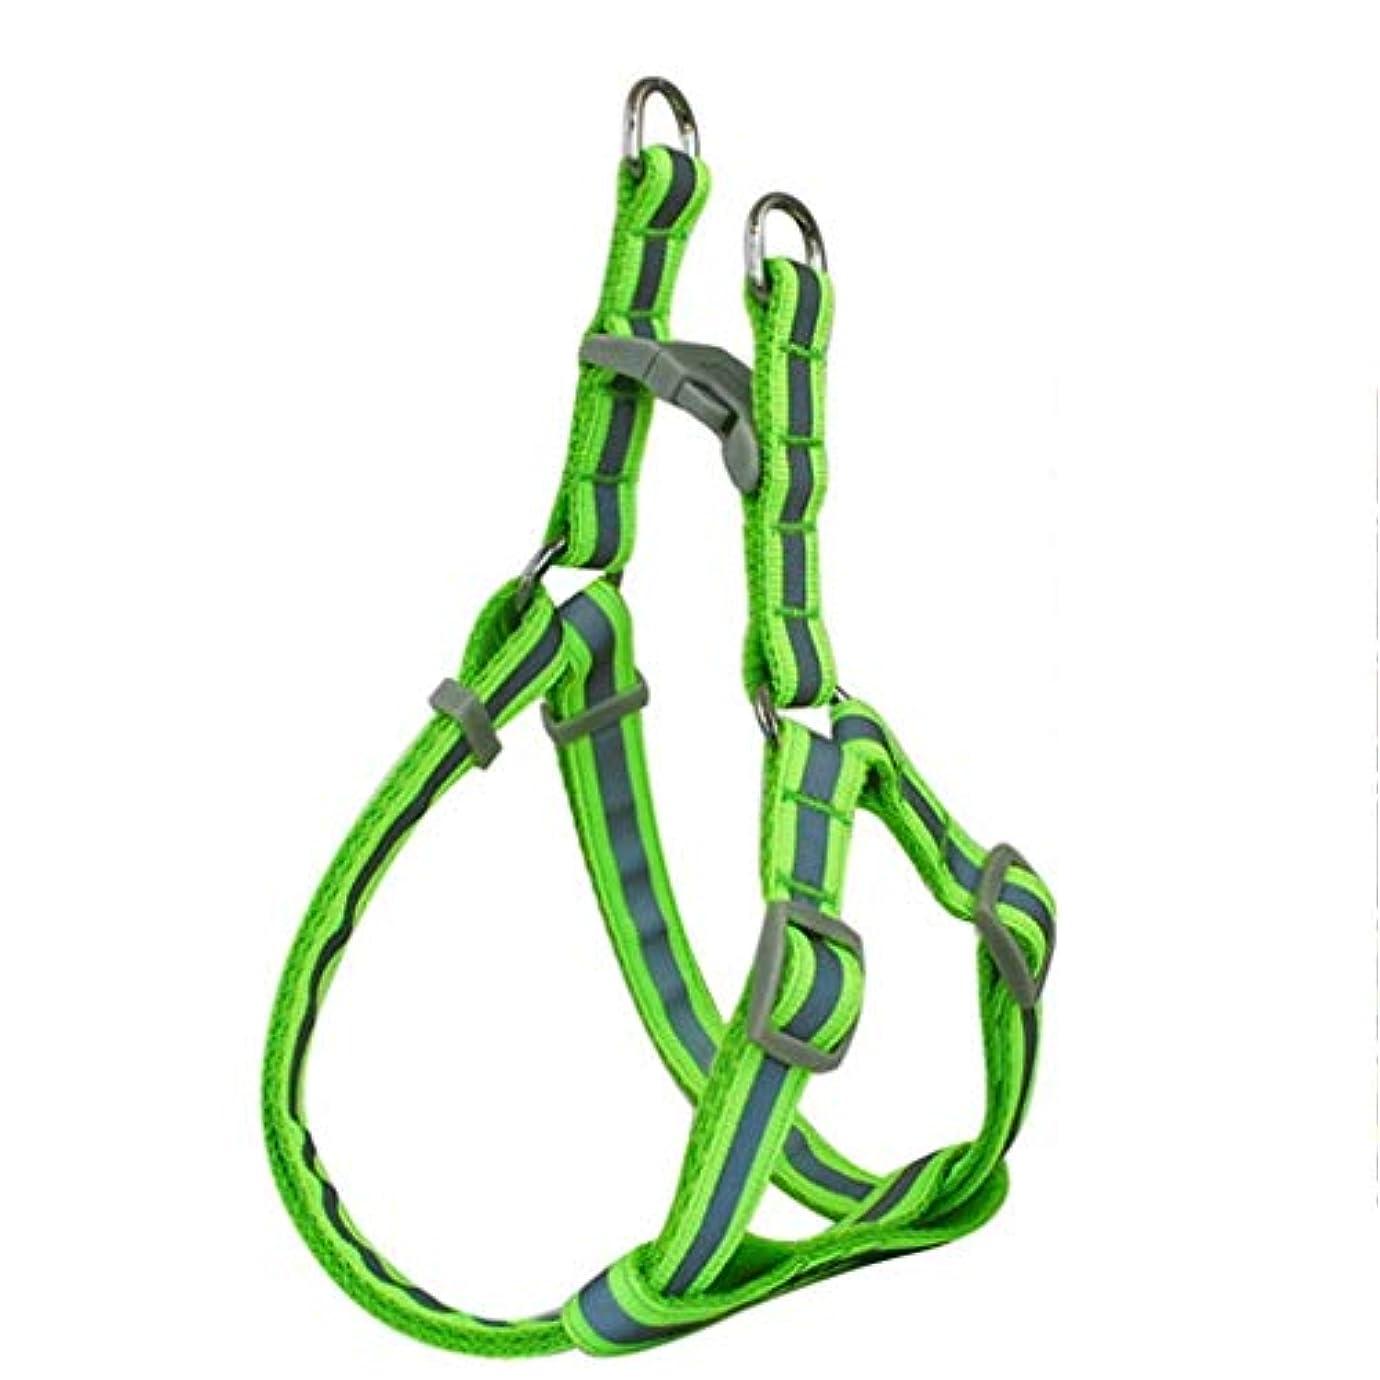 勝者切断するエロチックペット用牽引用品ハイエナチェーンハンド1.0 / 1.5cmプルチェストストラップセット中小犬犬用ロープ (色 : 緑, サイズ さいず : S s)